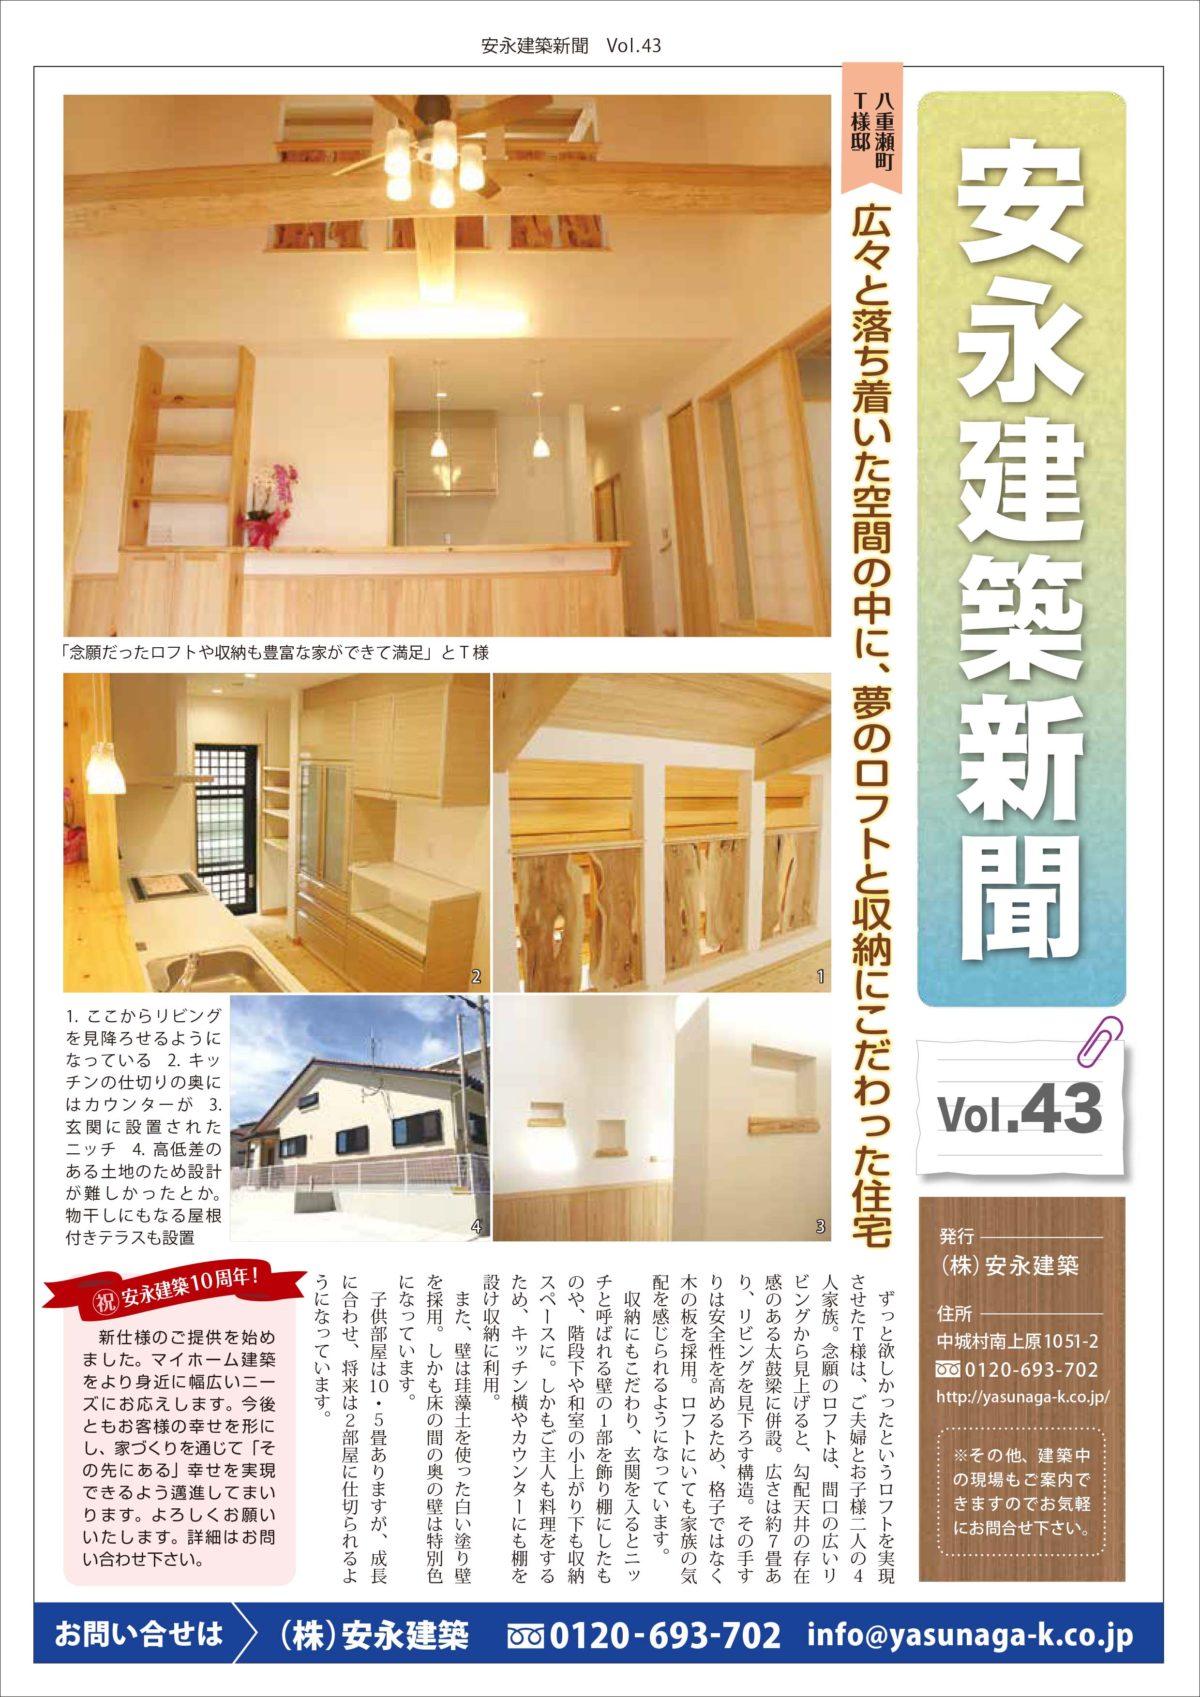 43号です!「安永建築新聞」マンガ以外のチラシもやってます!